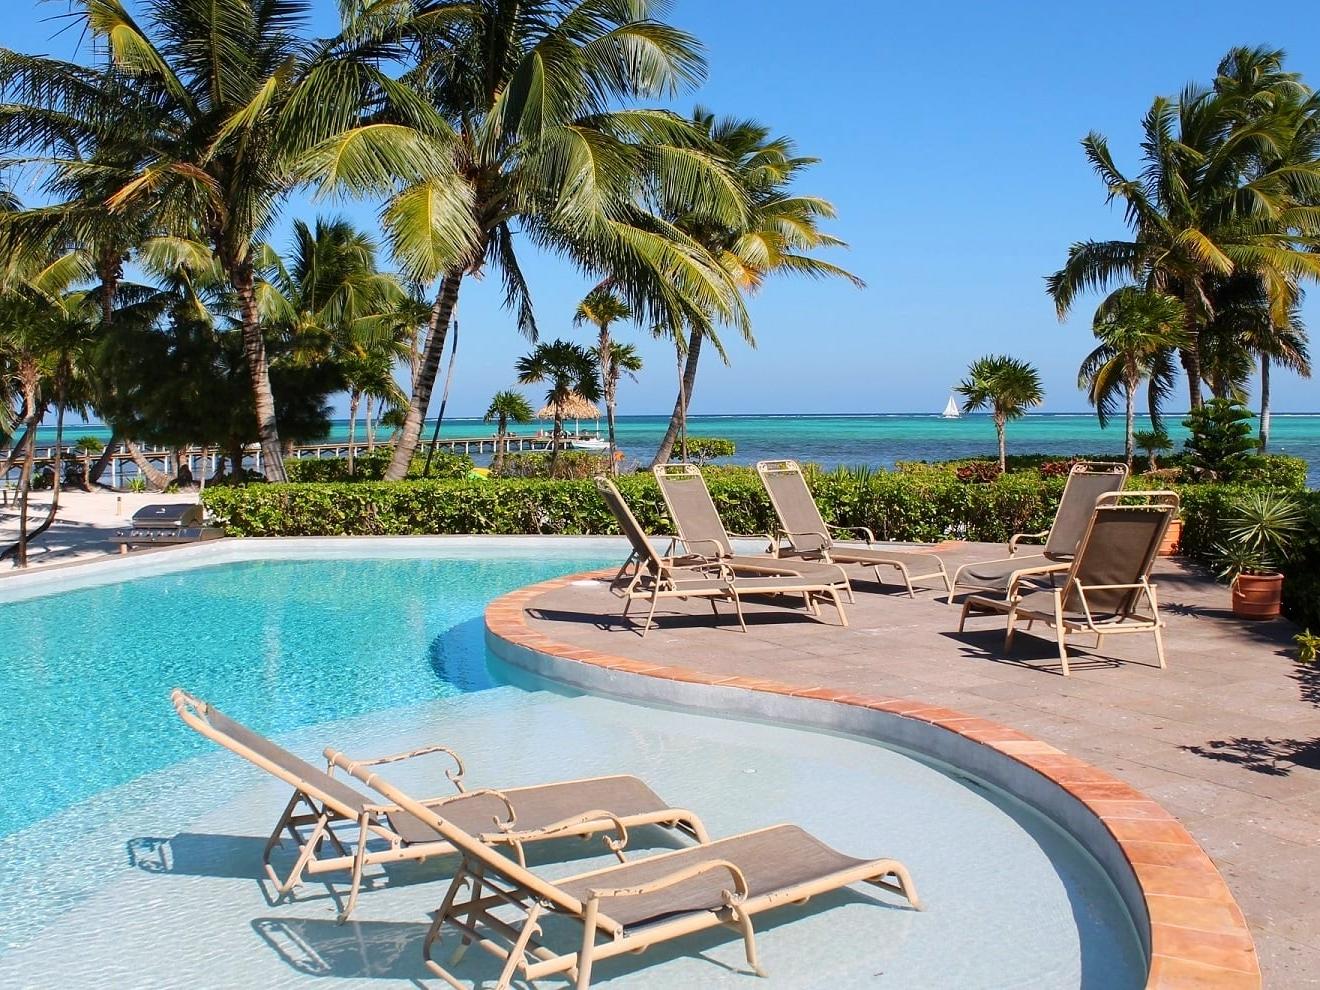 Luxury villas at La perla del caribe